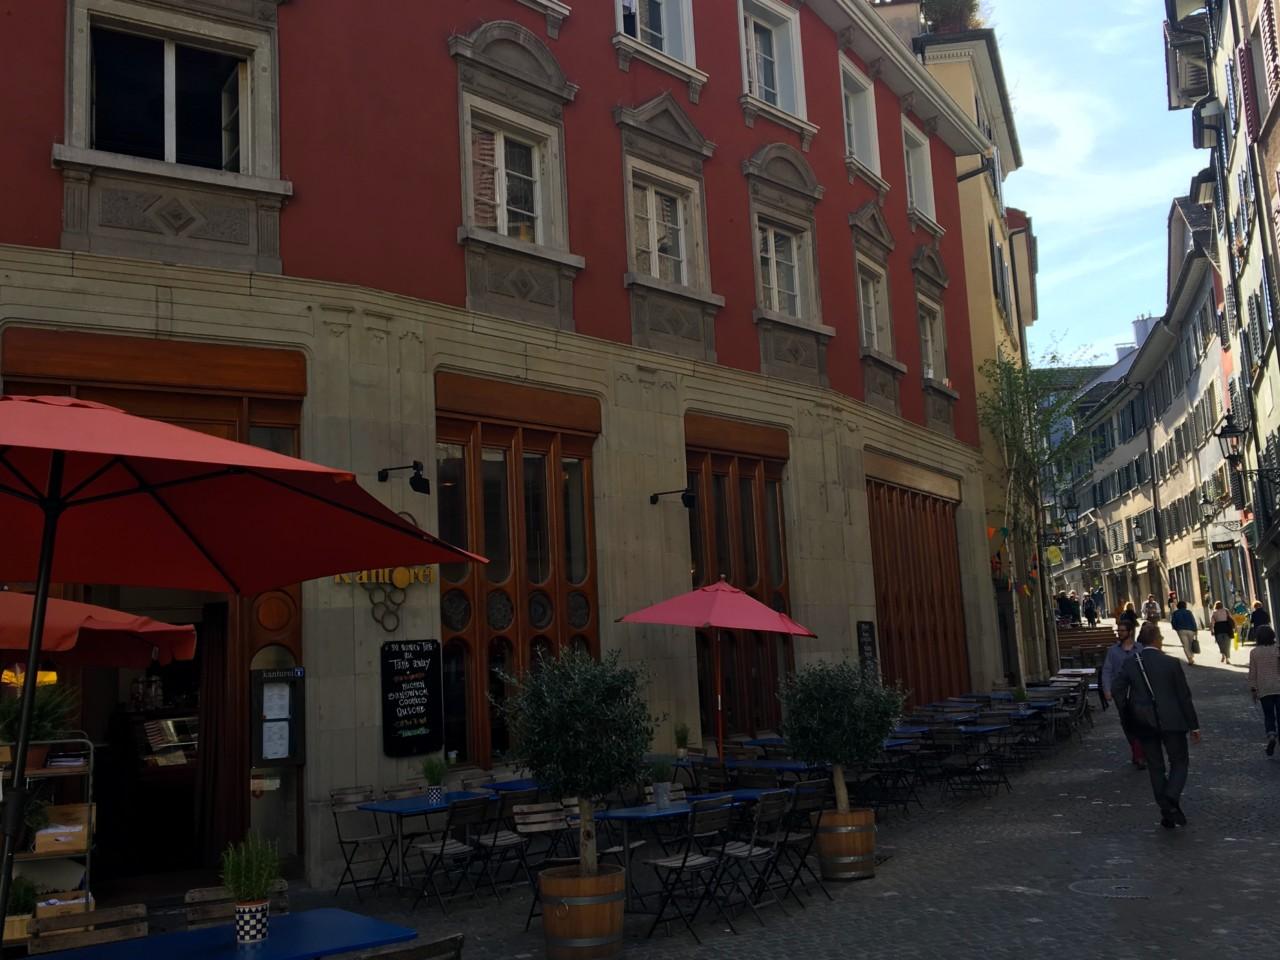 Die Kantorei mit ihrer geschwungenen Fassade und den Fenstern irgendwo zwischen Gotik und Jugendstil fällt auf. Foto: Lunchgate/Simone